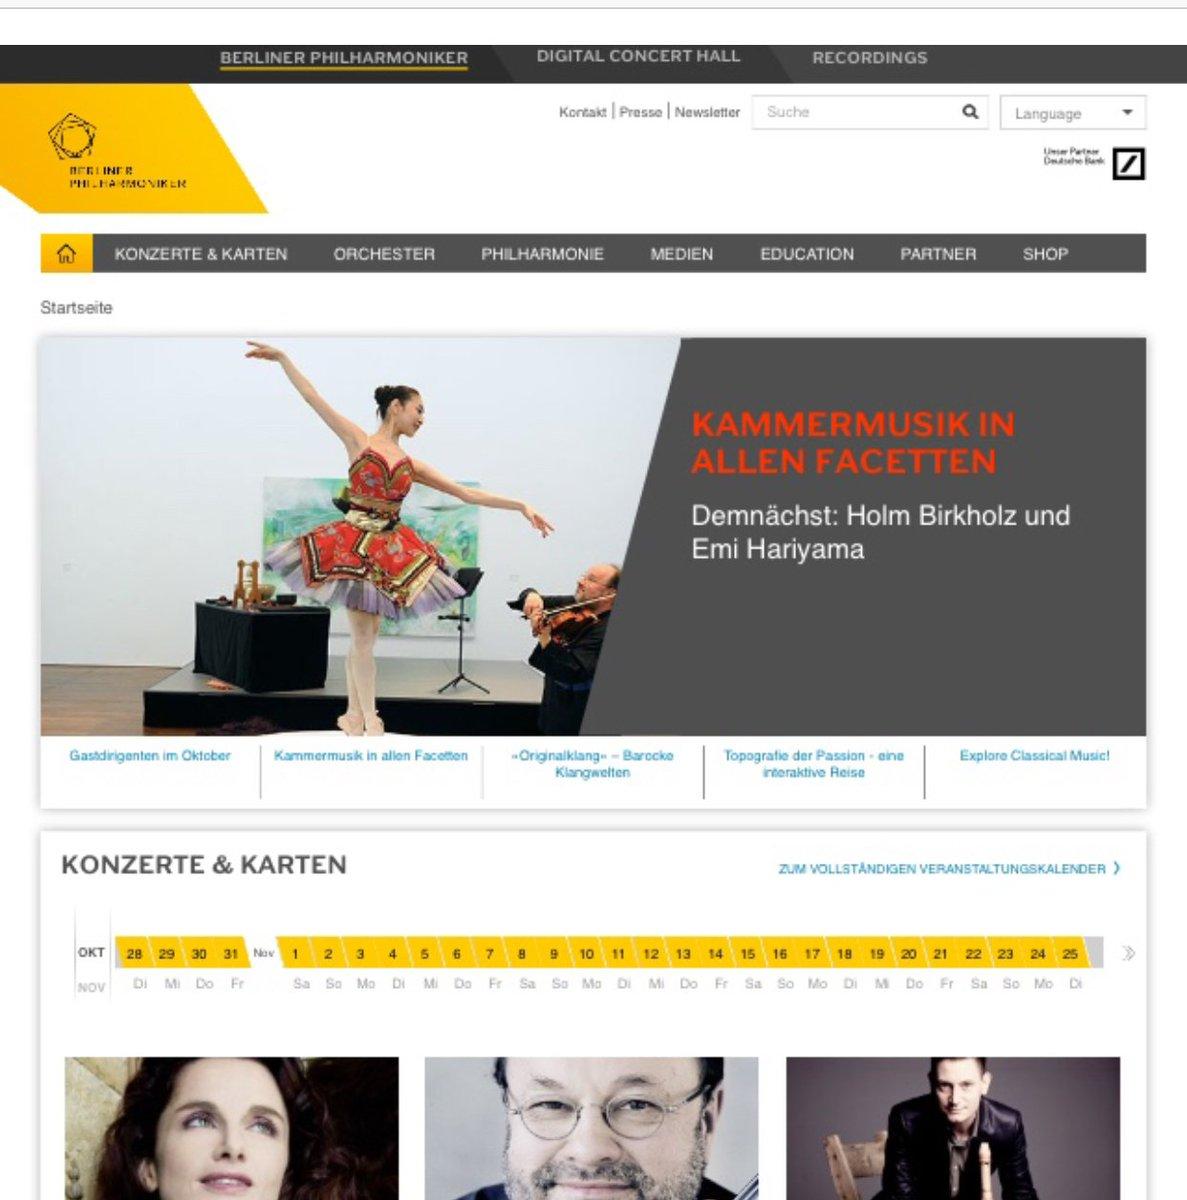 ベルリンフィルハーモニーとコラボレーションしてベルリンフィルで踊らせていただいたときのウェブサイトトップページの写真シェアさせていただきます。振り付け、演出、衣装、踊りすべて担当させていただきました。Found this ....Top page of Berlin philharmonic when I did collaboration